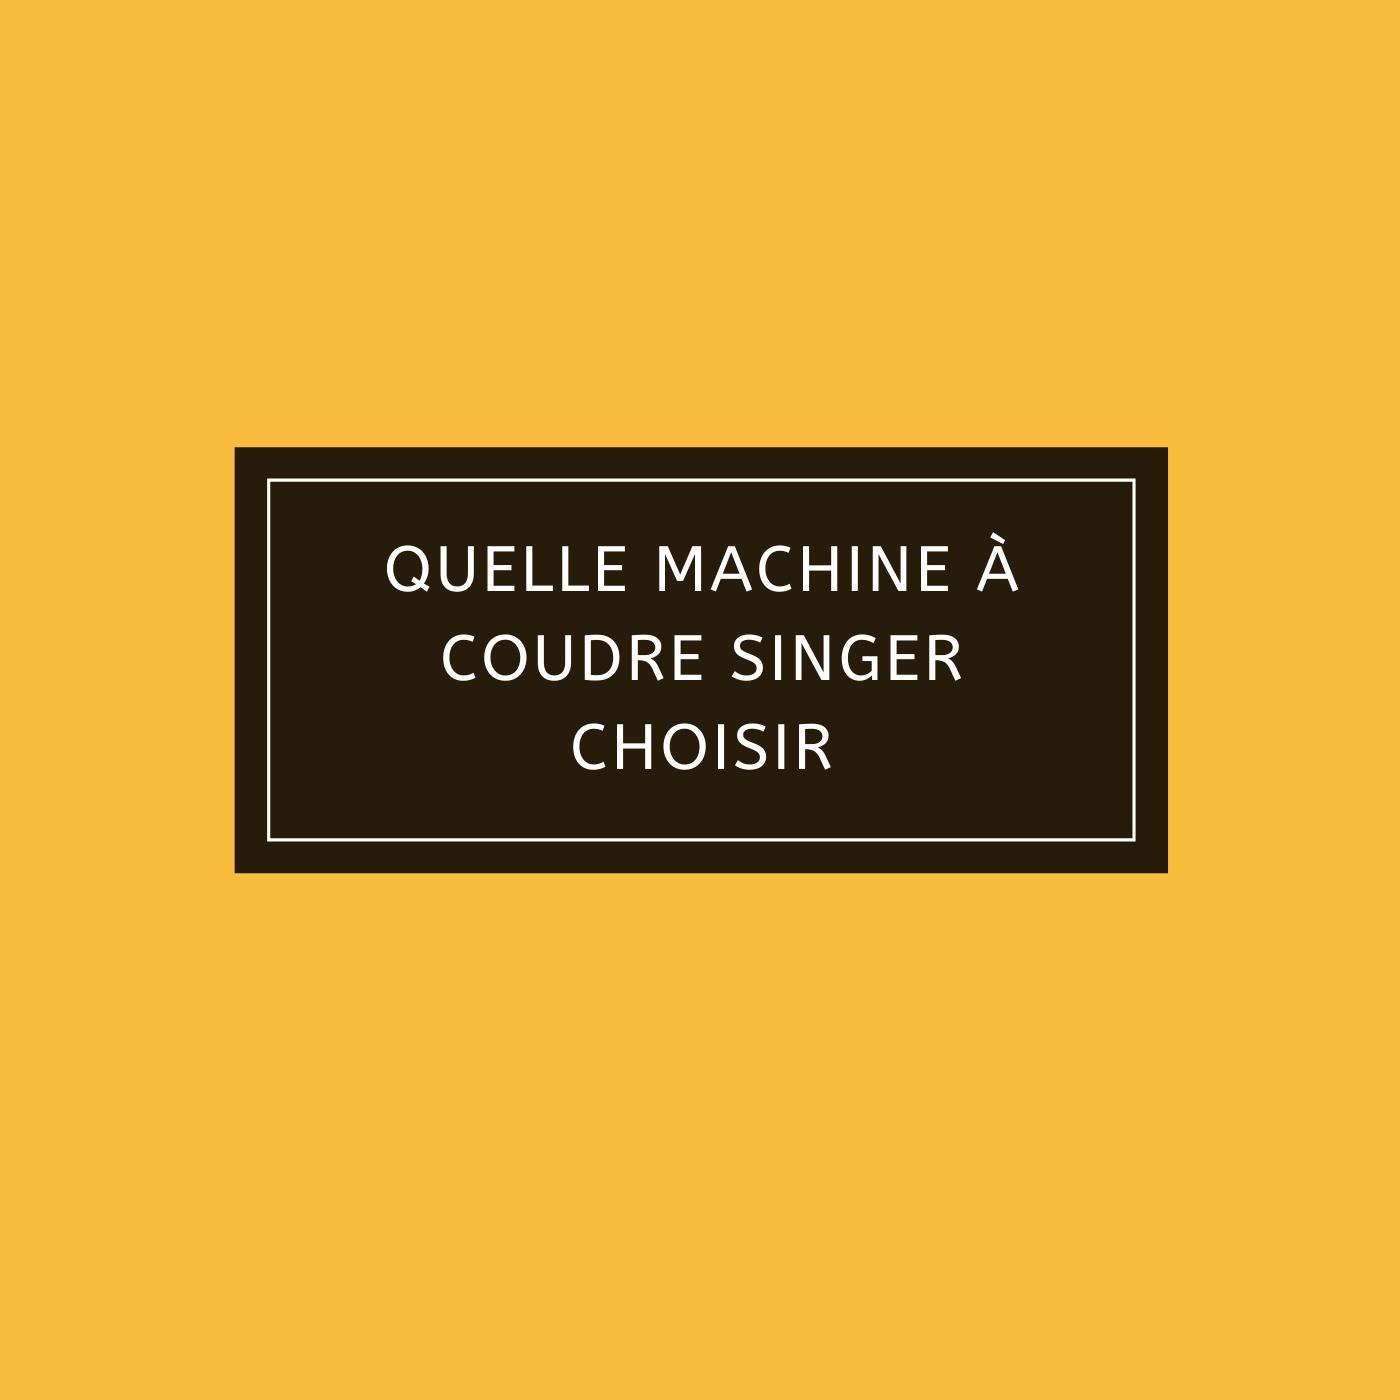 Quelle machine à coudre Singer choisir